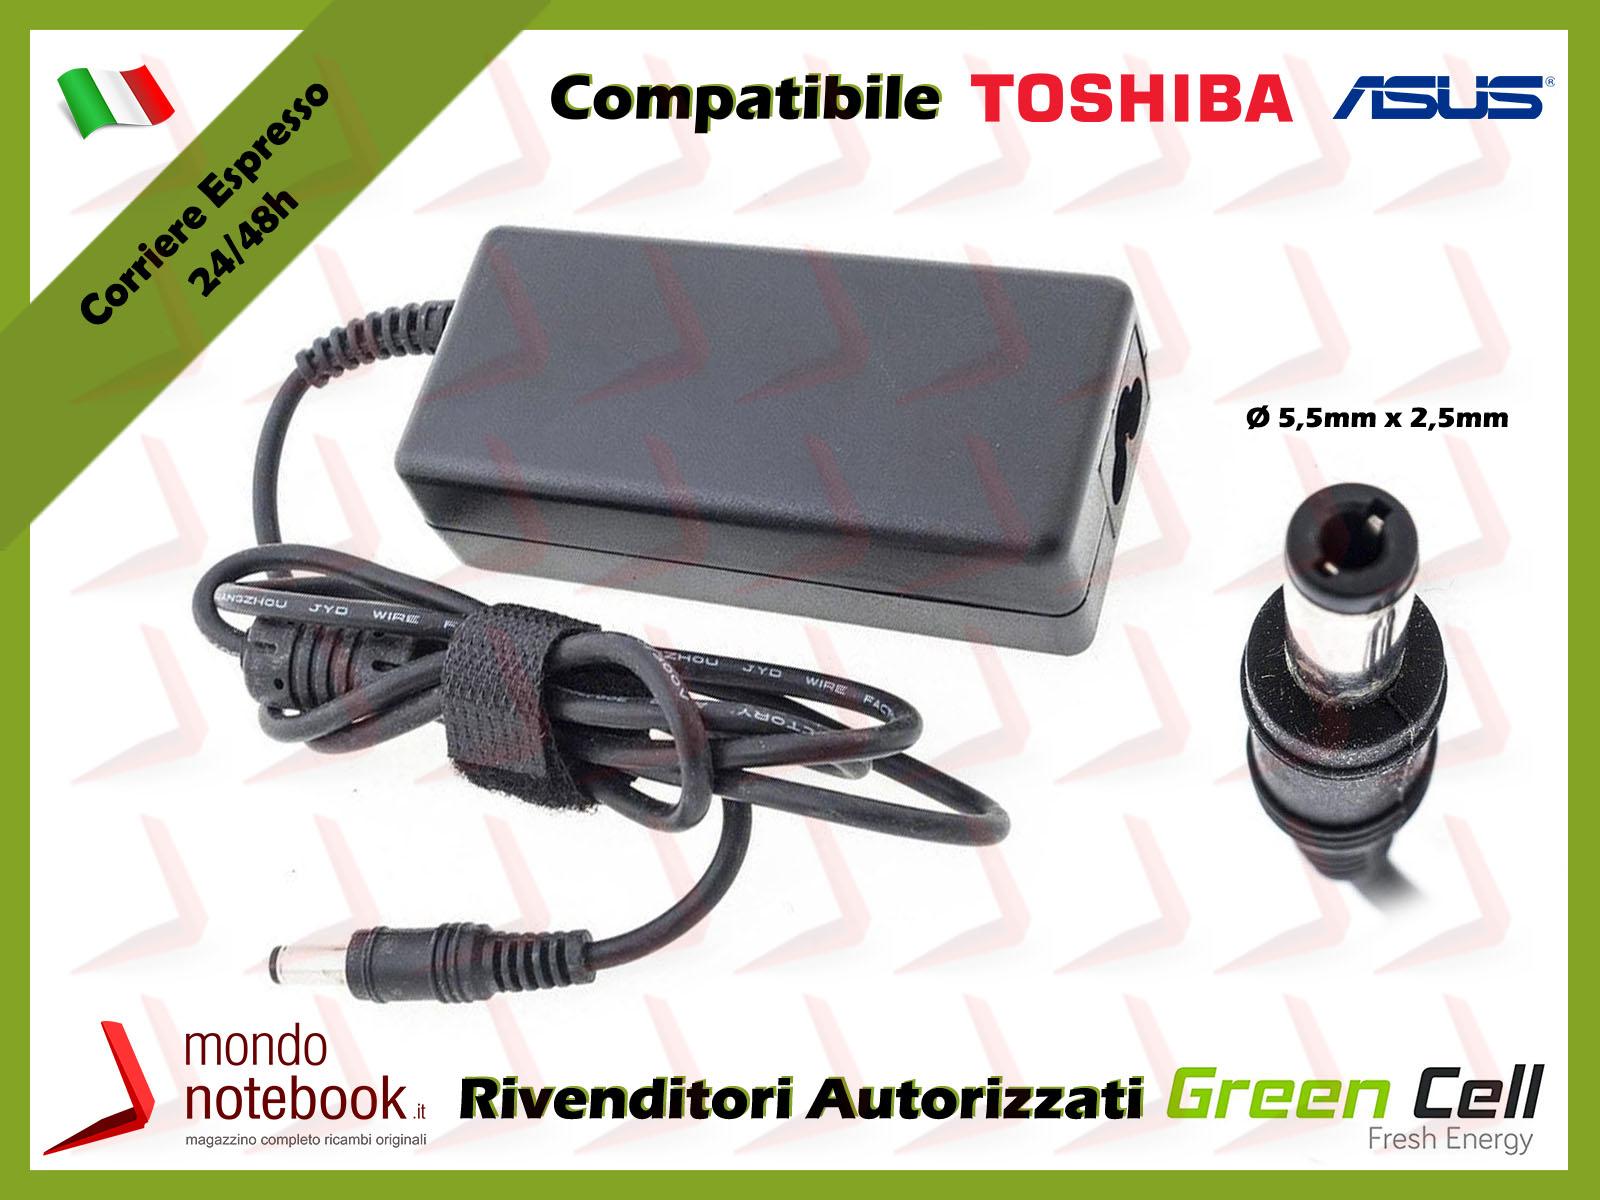 https://www.mondonotebook.it/3569/alimentatore-compatibile-per-toshiba-30w-19v-158a-55mm-x-25mm-ad51.jpg